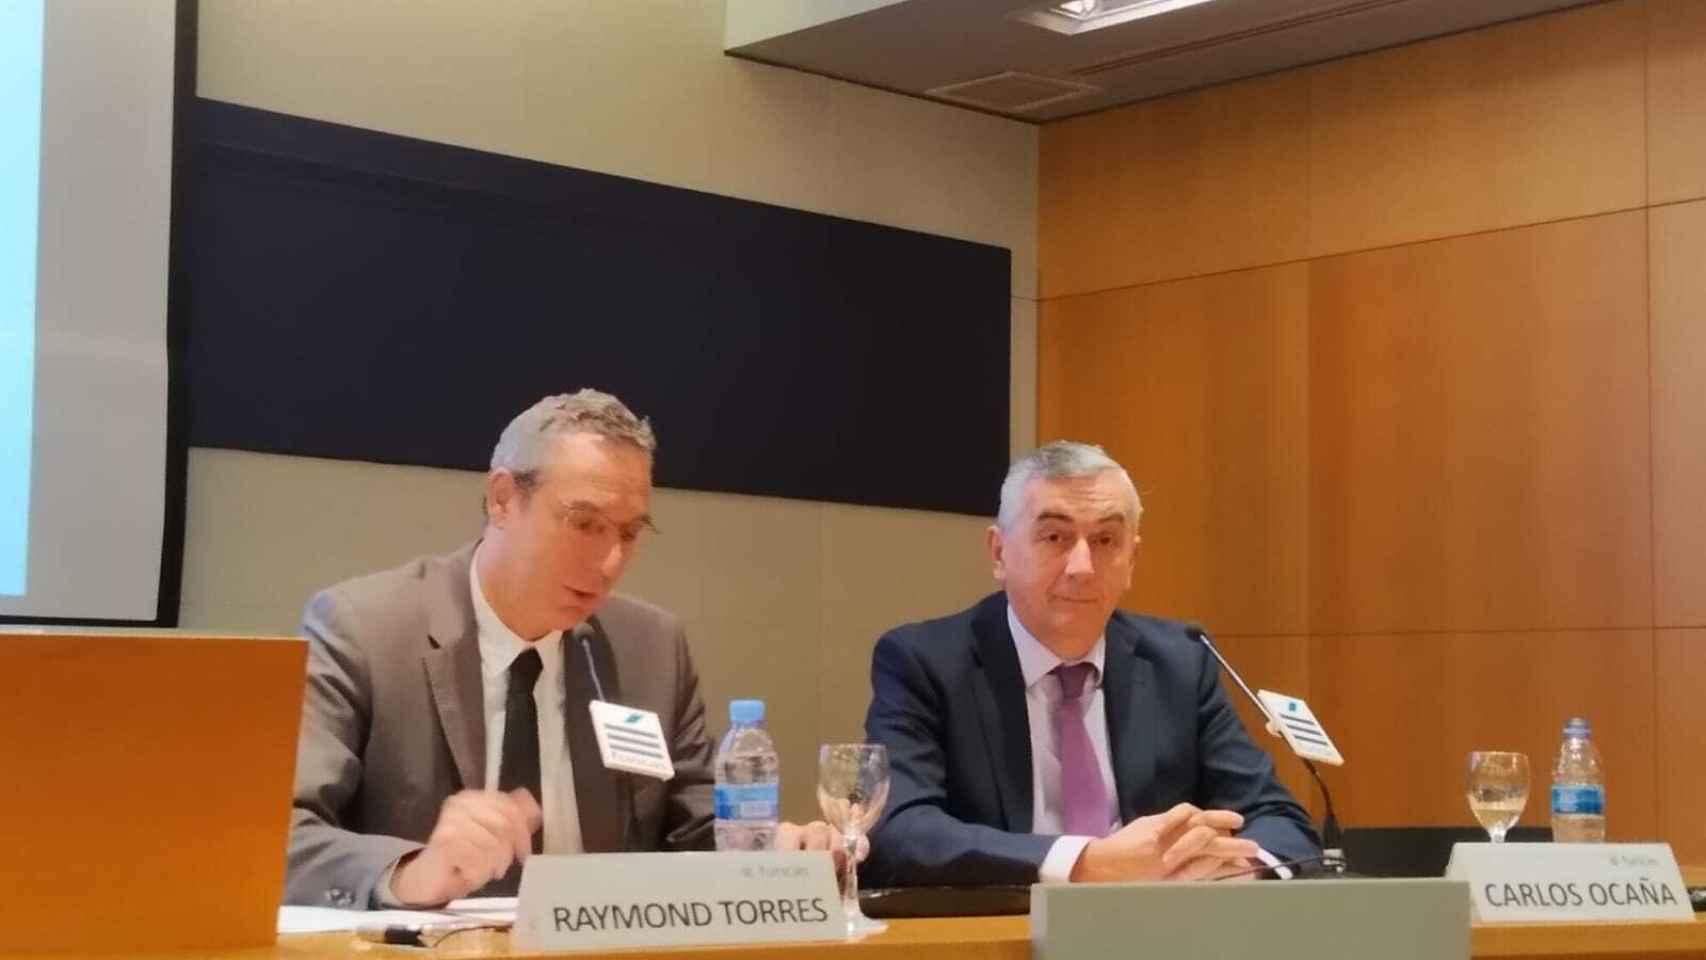 Raymond Torres, director de coyuntura y análisis de Funcas junto a Carlos Ocaña,  director general de Funcas.